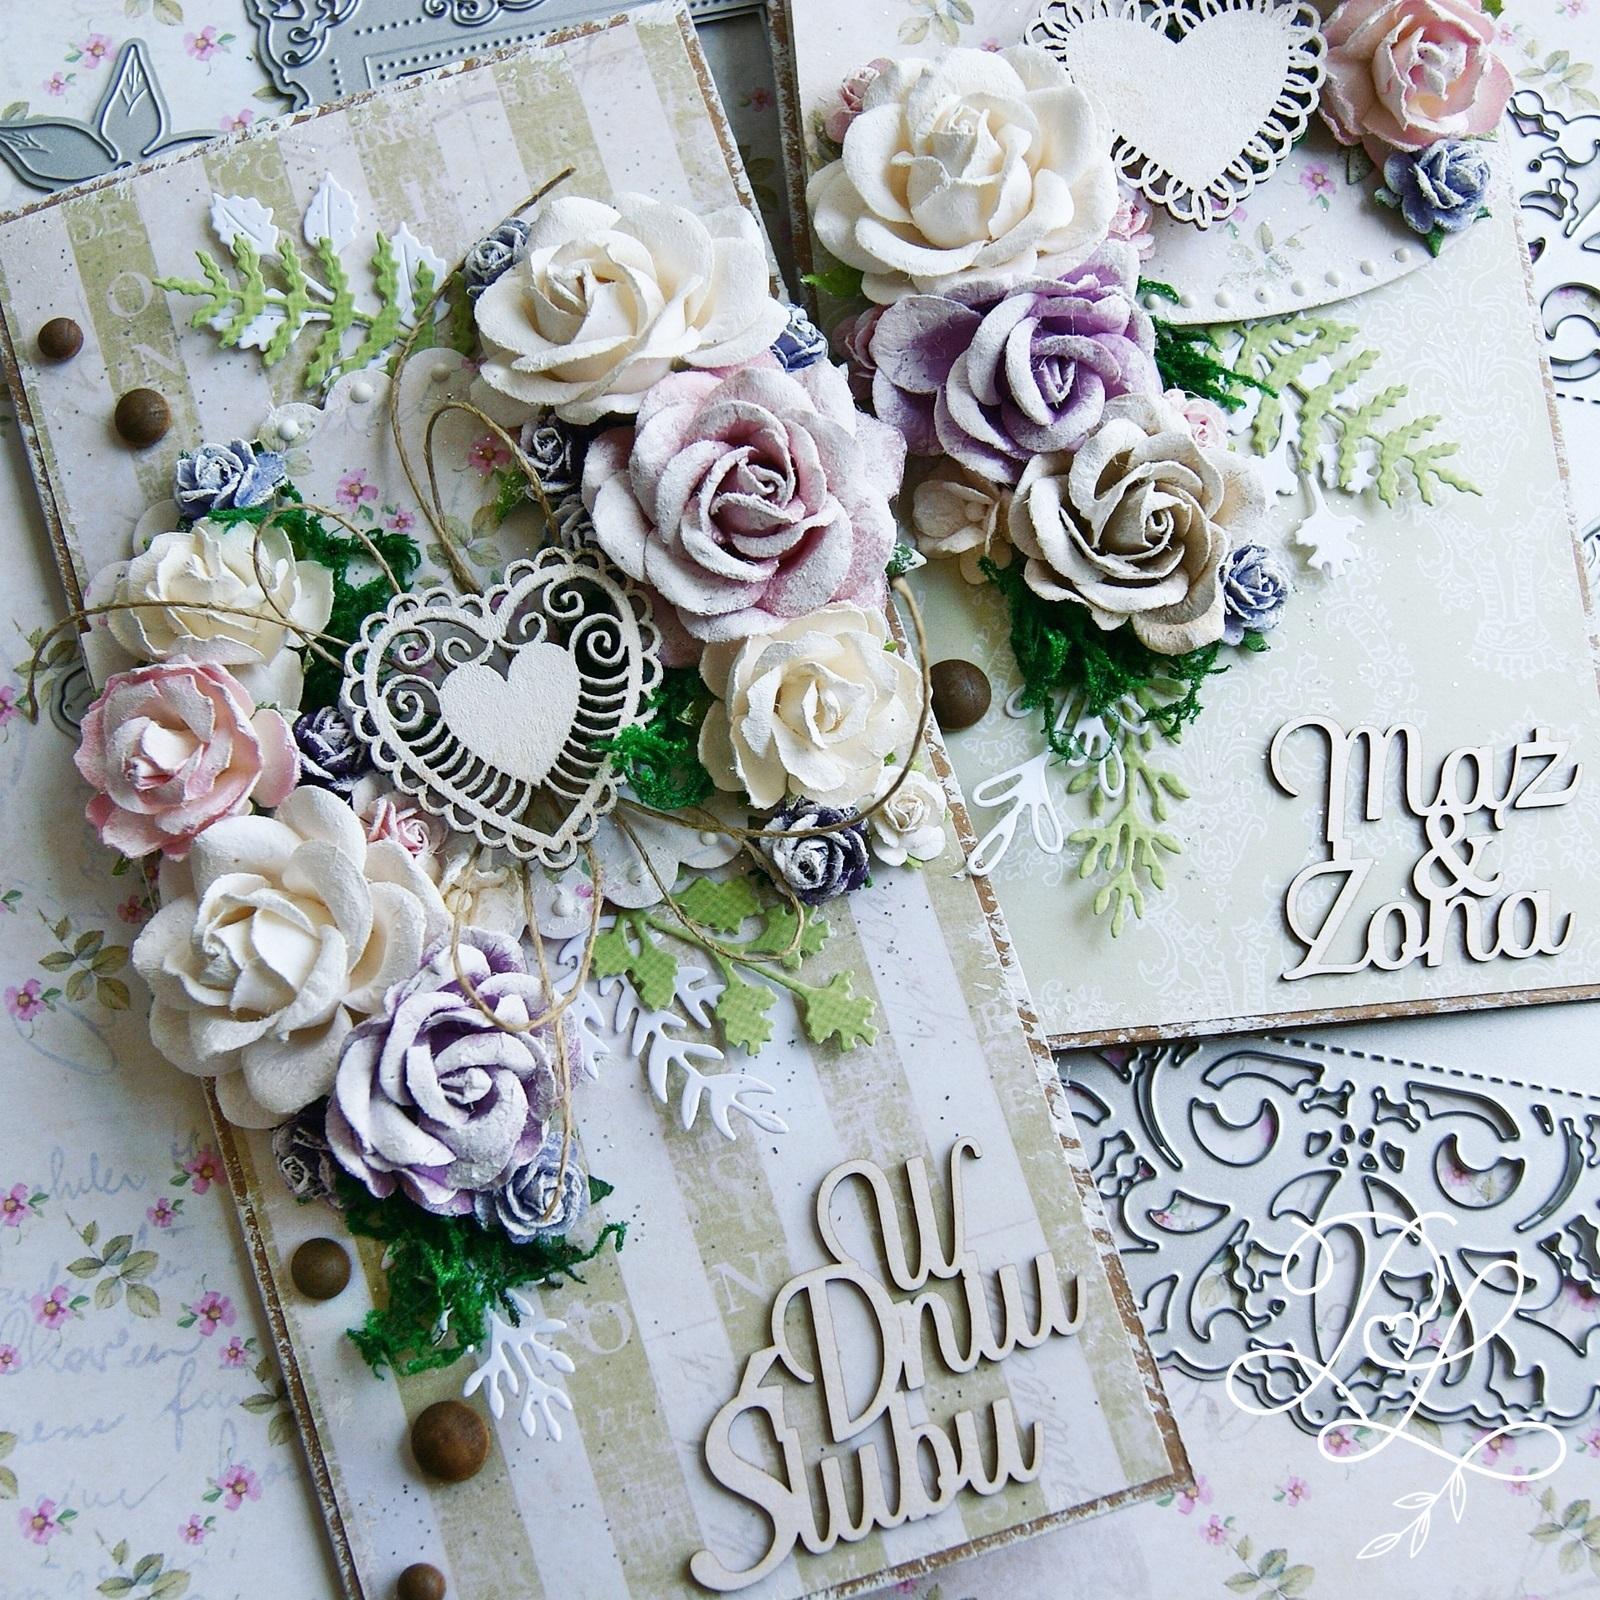 Kwieciste kartki ślubne - Papierowe Love sklep papierniczy i pracownia rękodzieła Katarzyna Rajczakowska